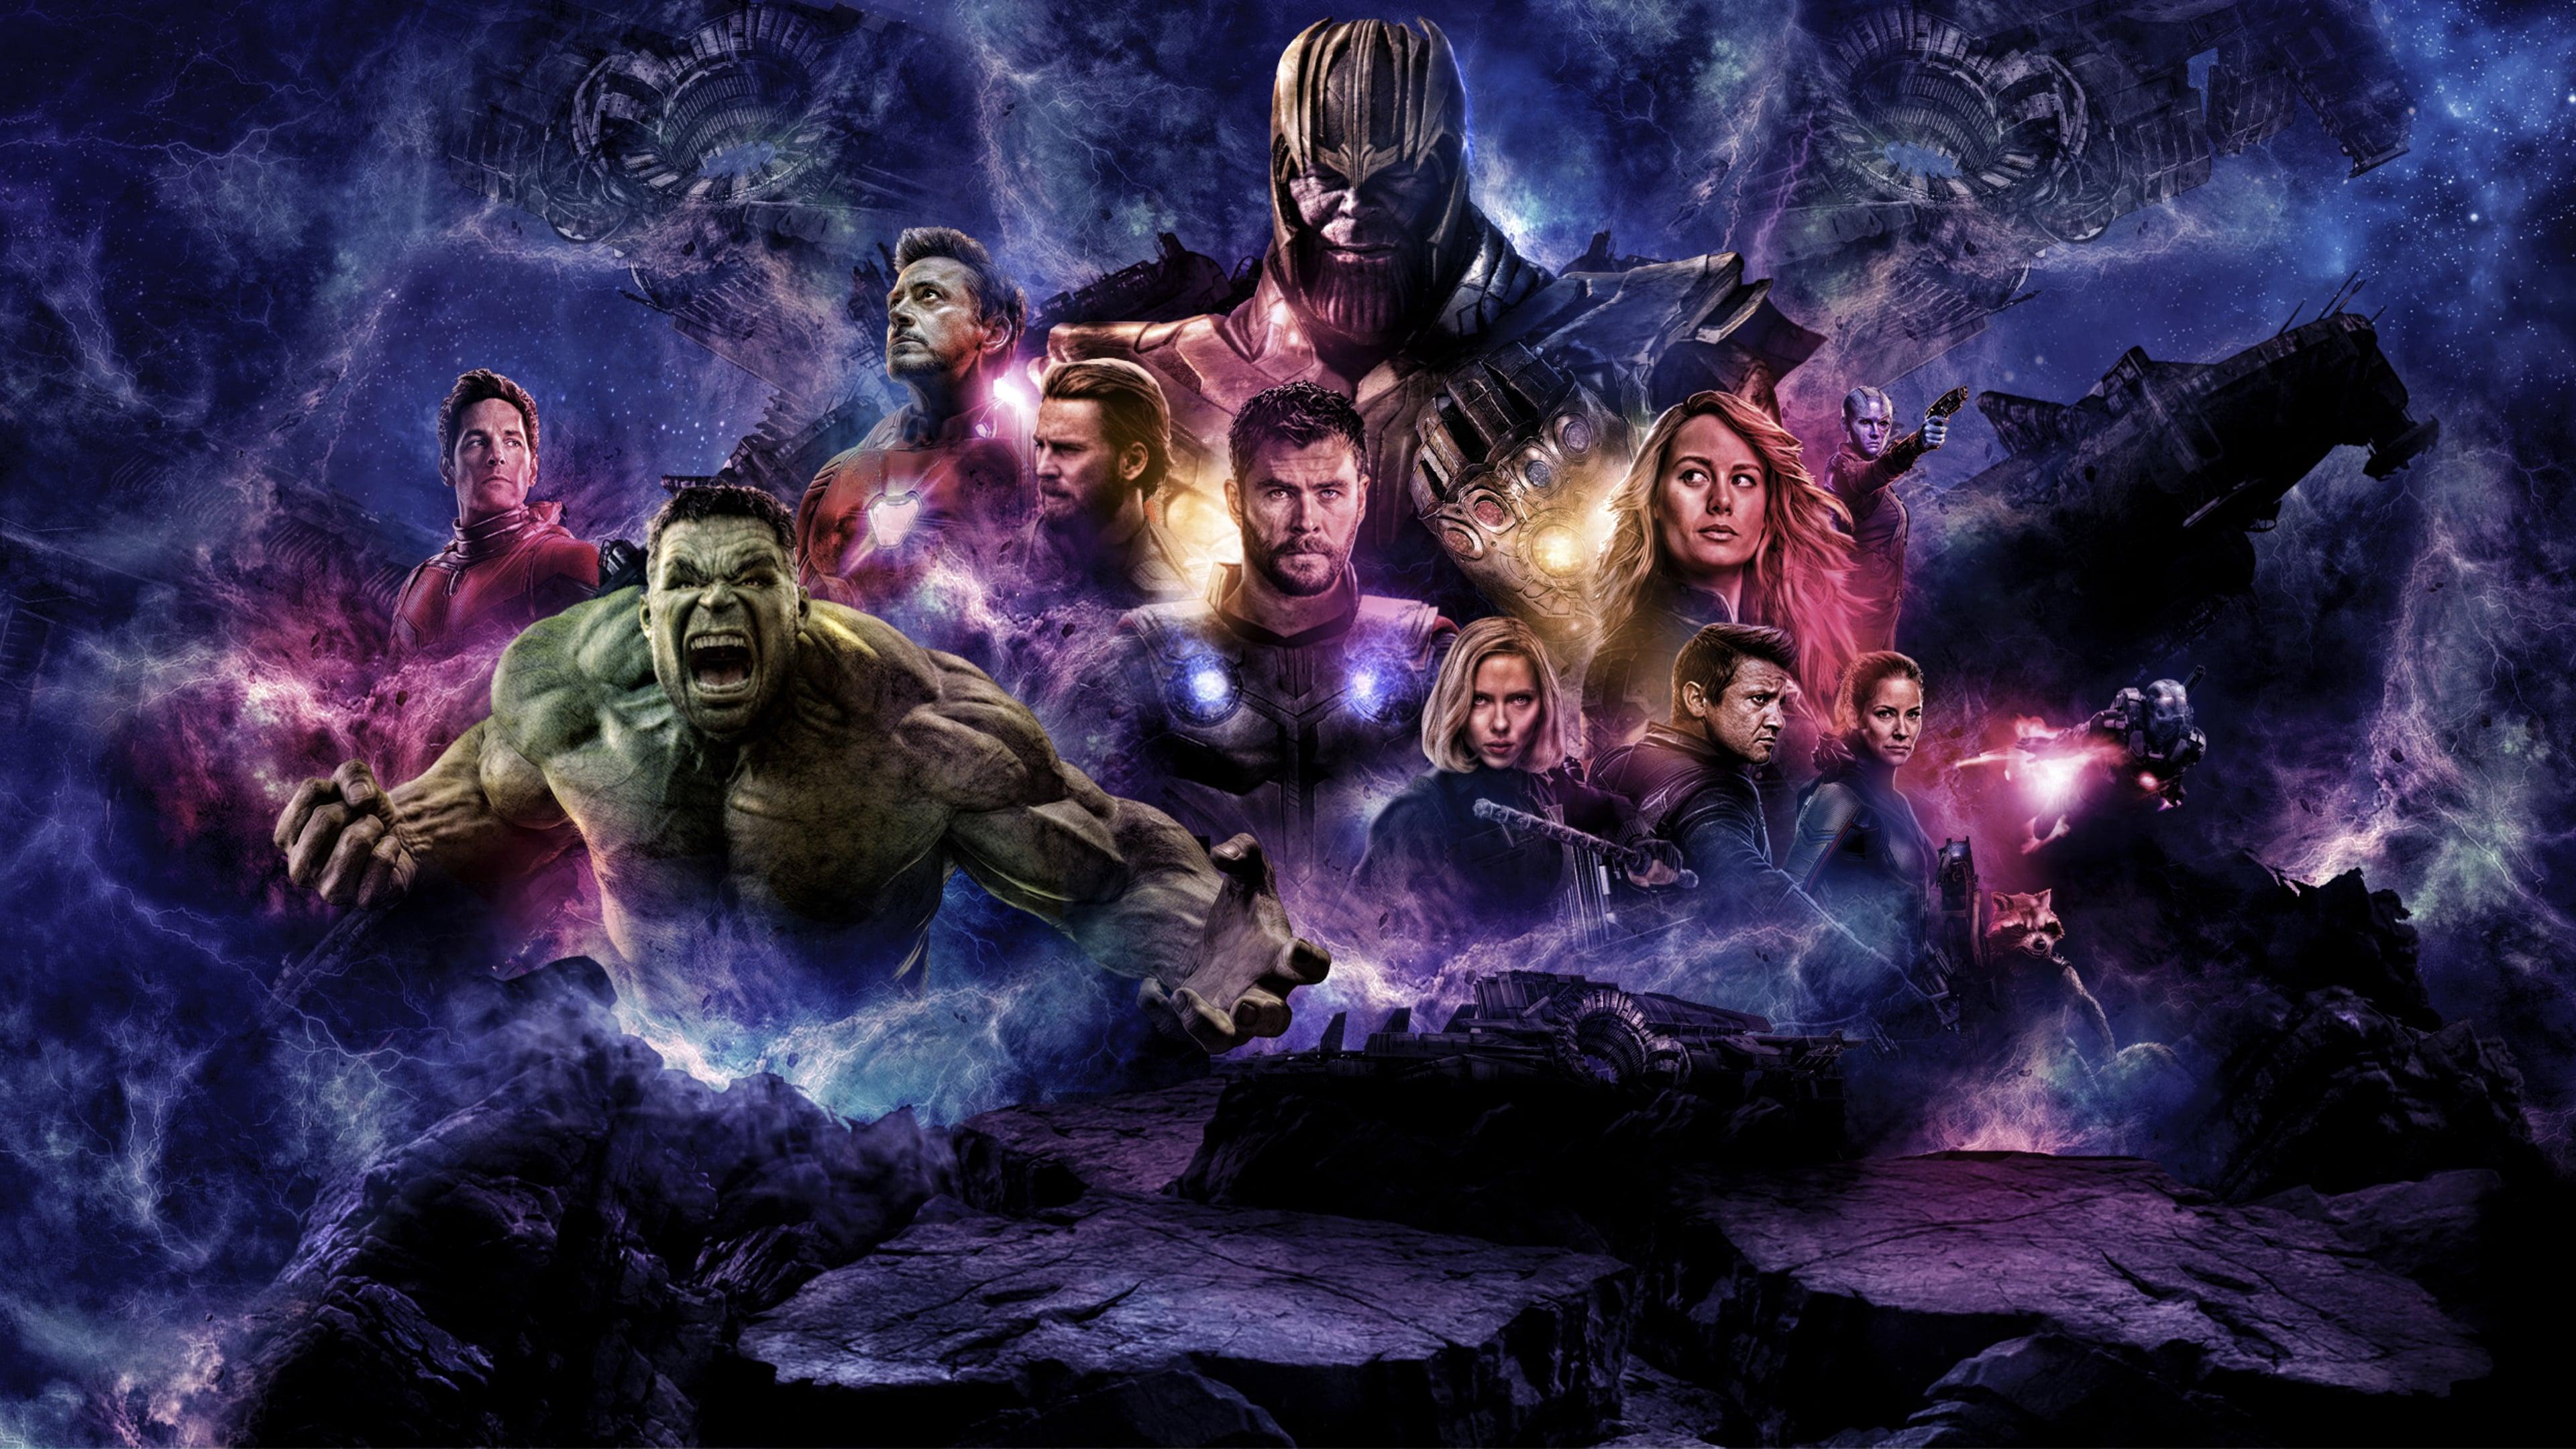 Filme 'Vingadores: Ultimato' é a grande estreia nos cinemas de Goiânia